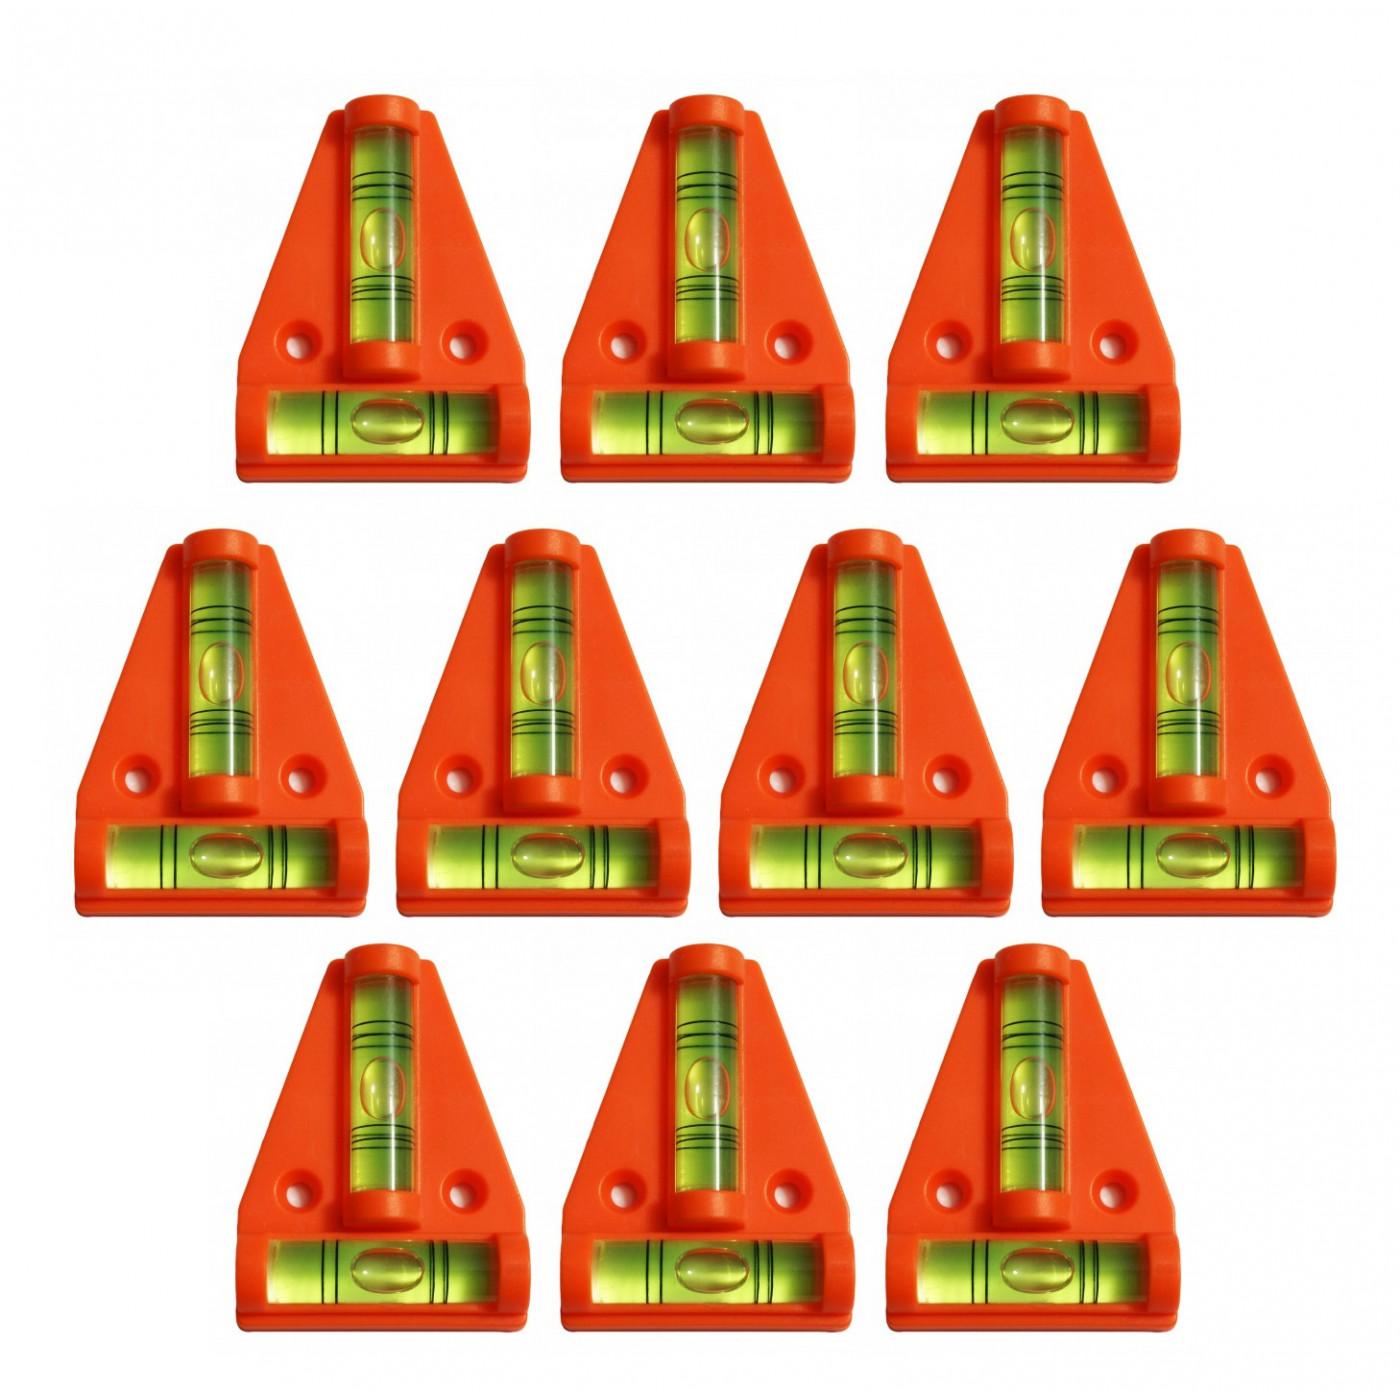 Set von 10 Wasserwaage mit Schraubenlöchern (orange)